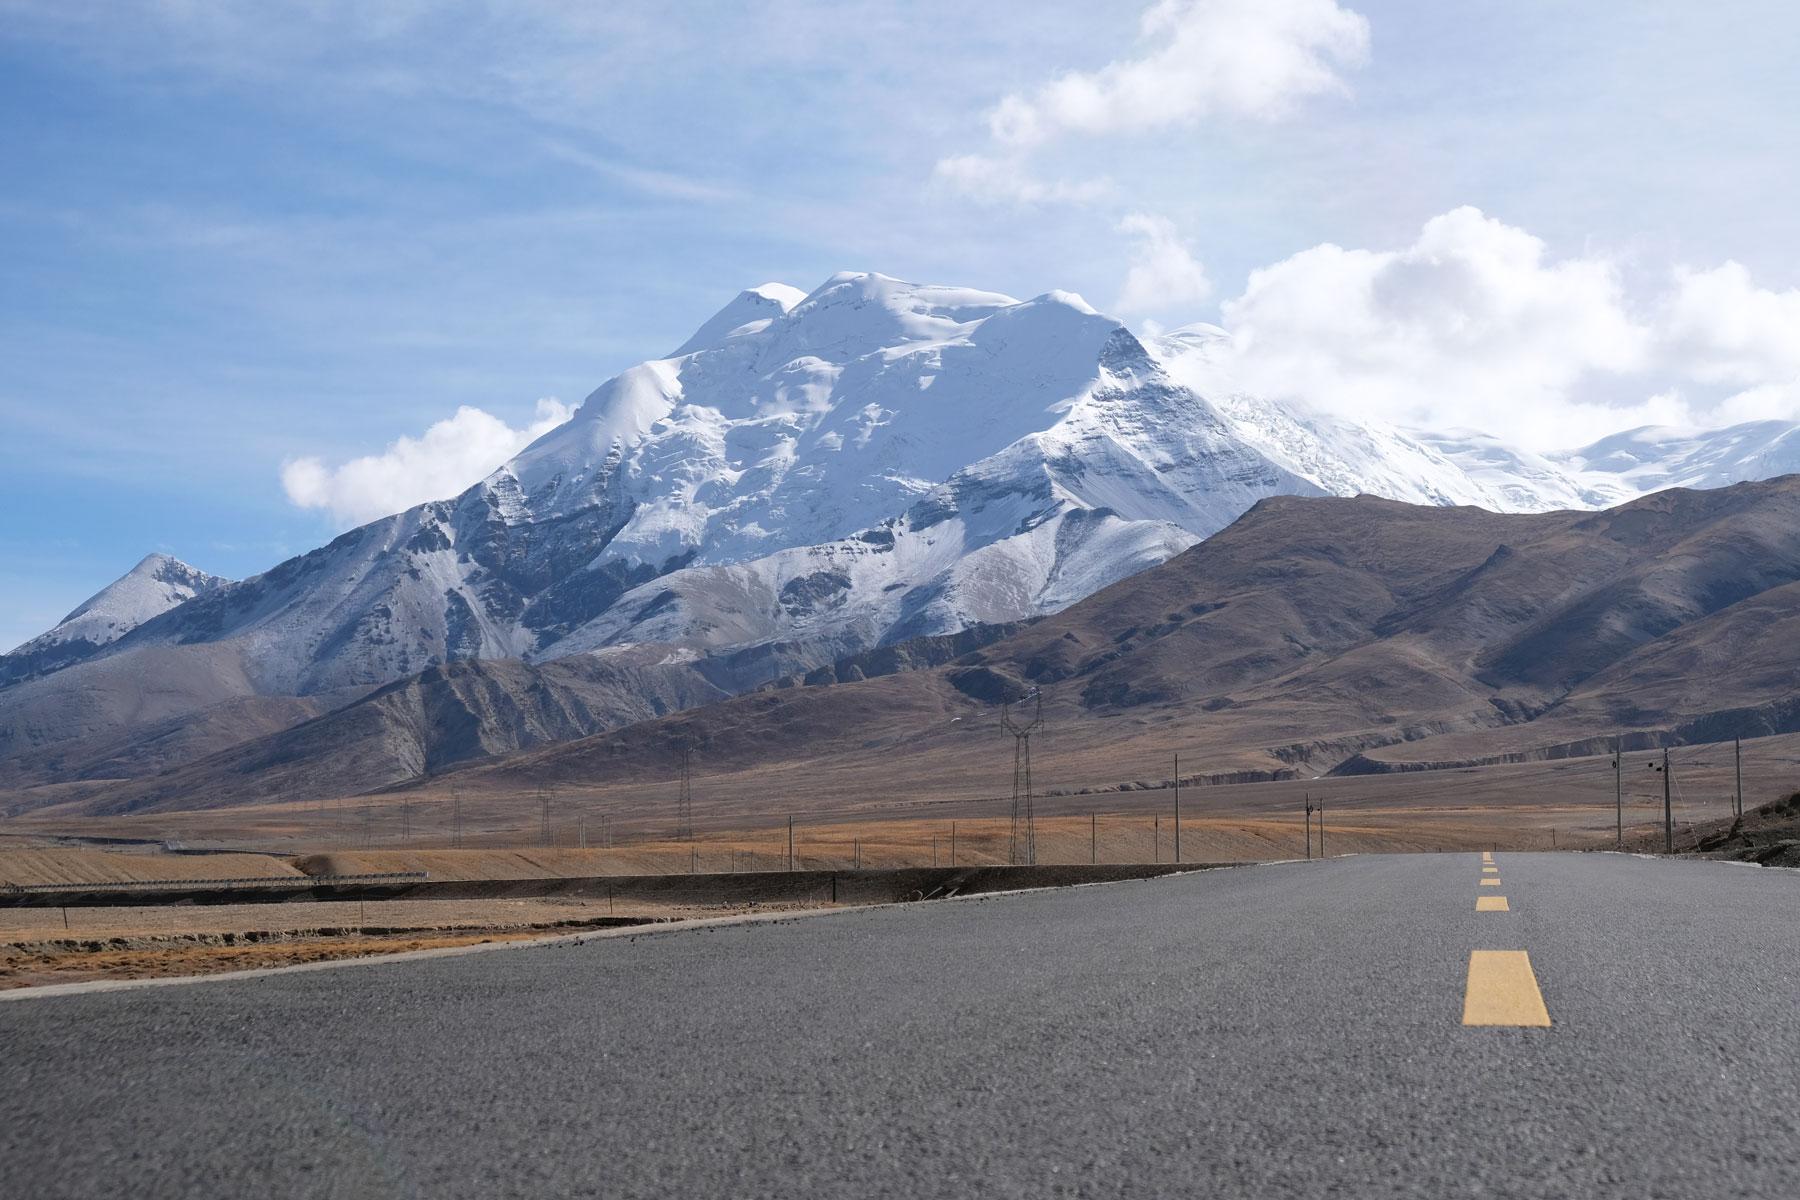 Ein schneebedeckter Berg neben dem Friendship Highway in Tibet.